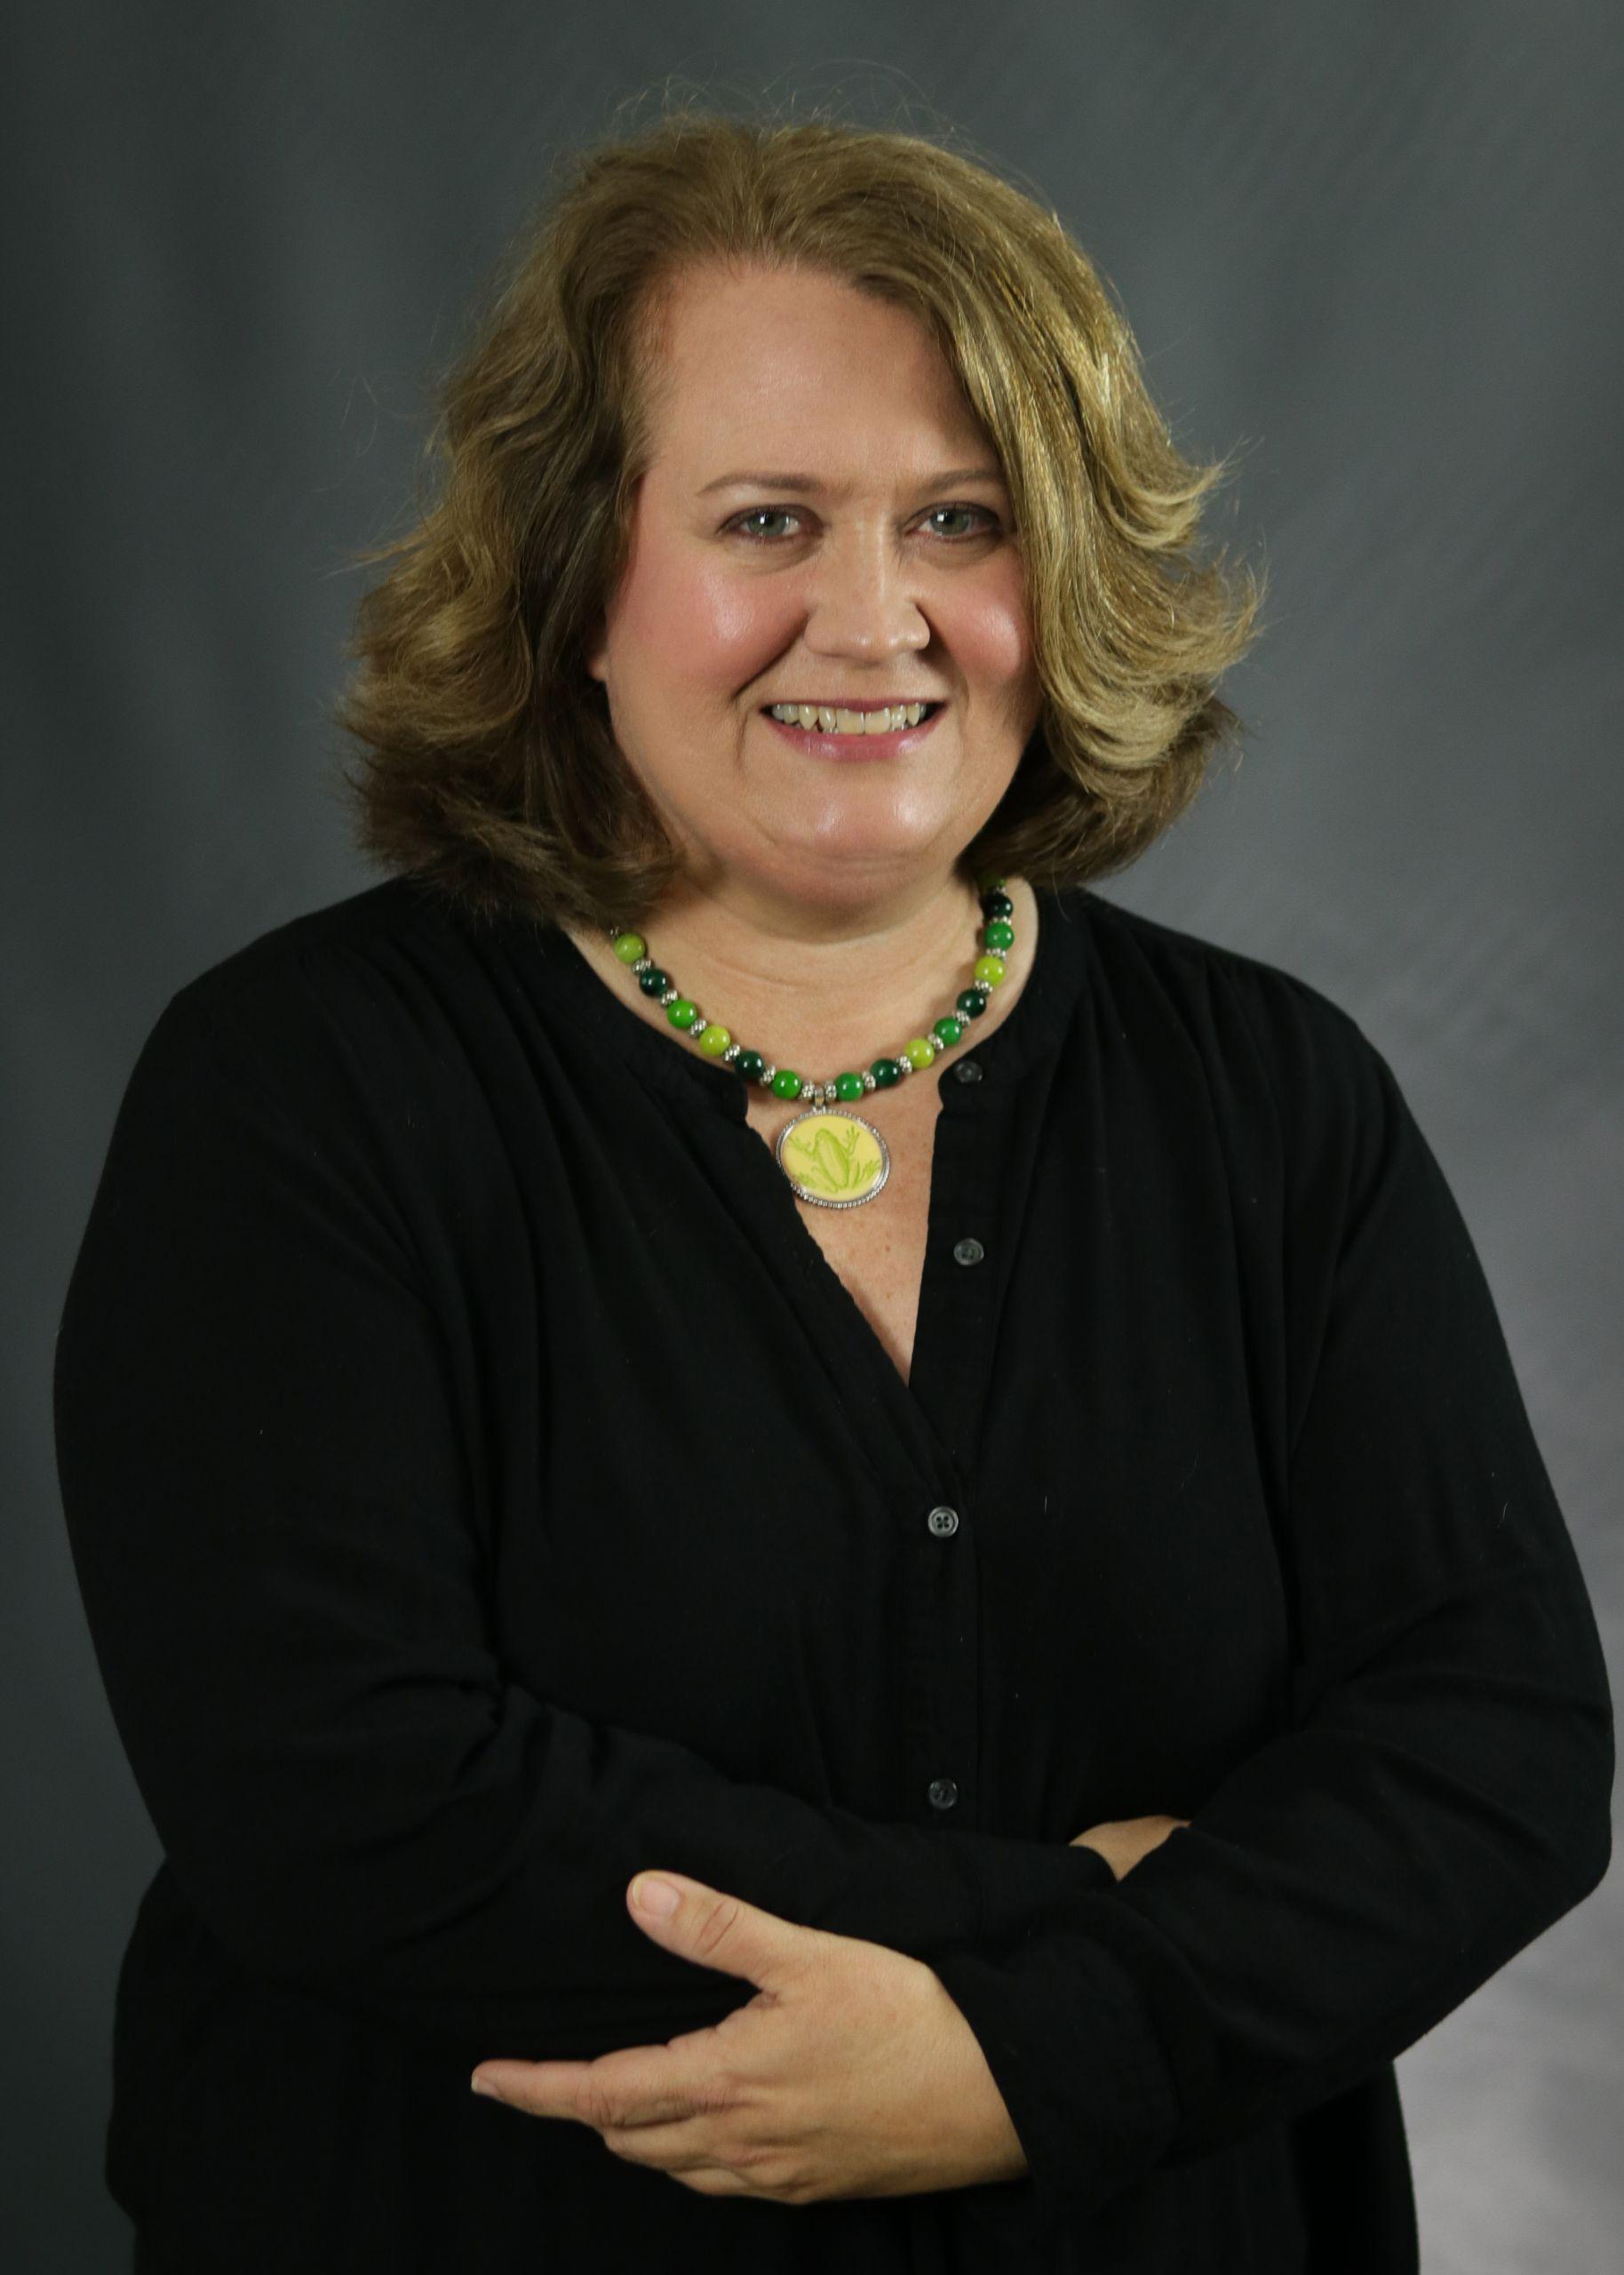 Michelle Crane